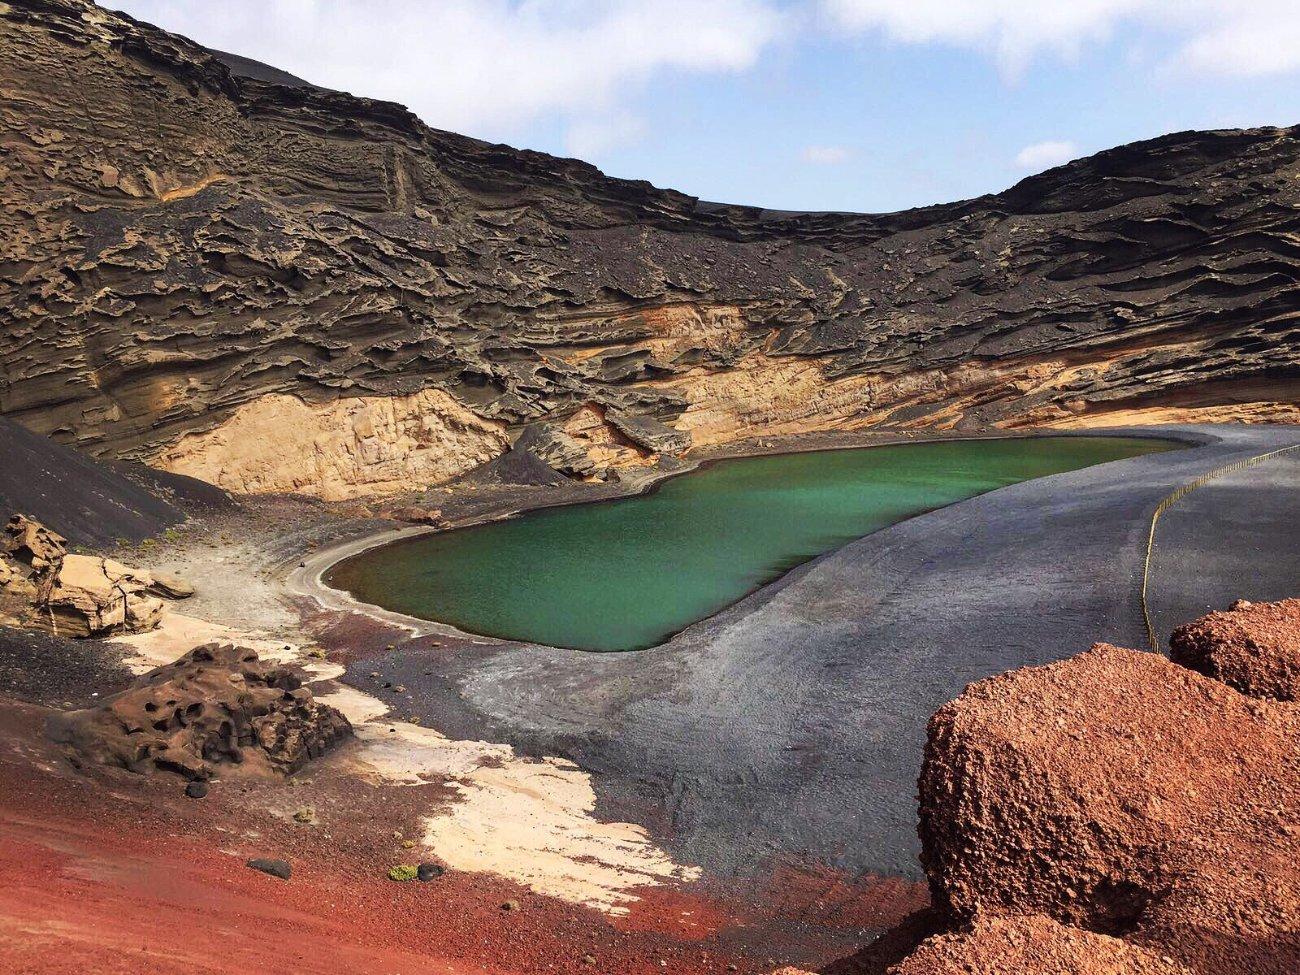 Qué ver en Canarias: El Charco de los Clicos